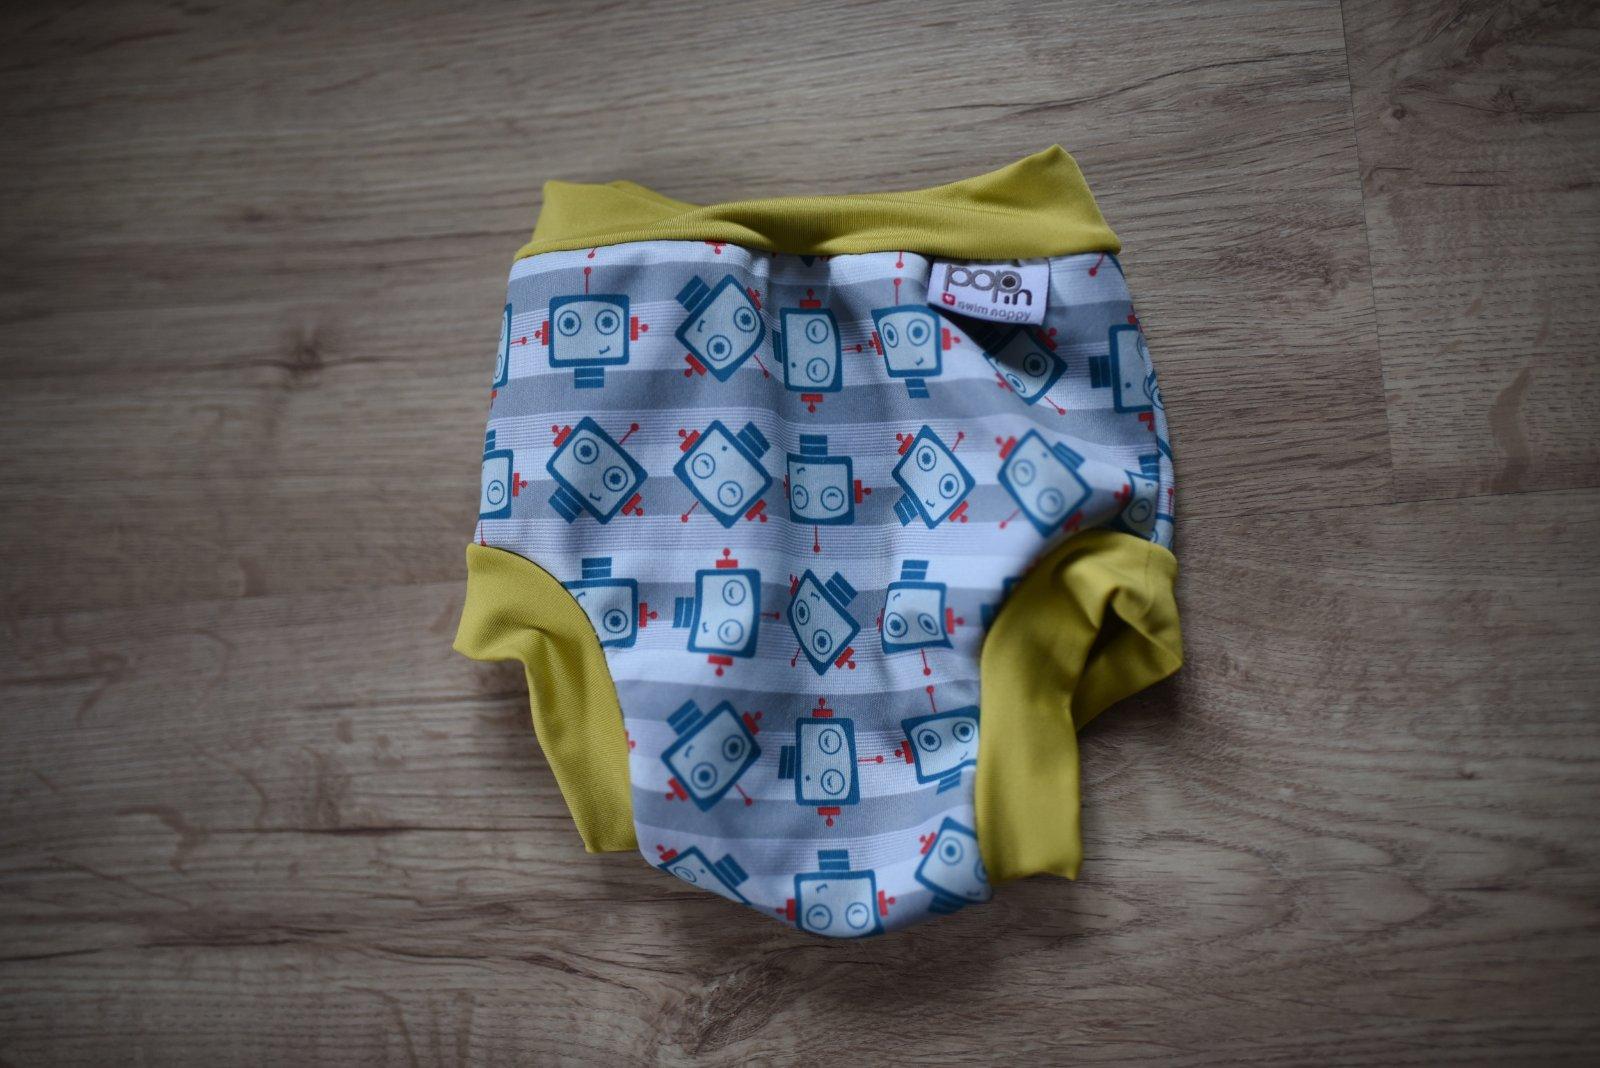 7c05b3c4f Plavecké kalhotky pop-in l, 74 - 200 Kč Od prodejkyně mokriz | Dětský bazar  | ModryKonik.cz